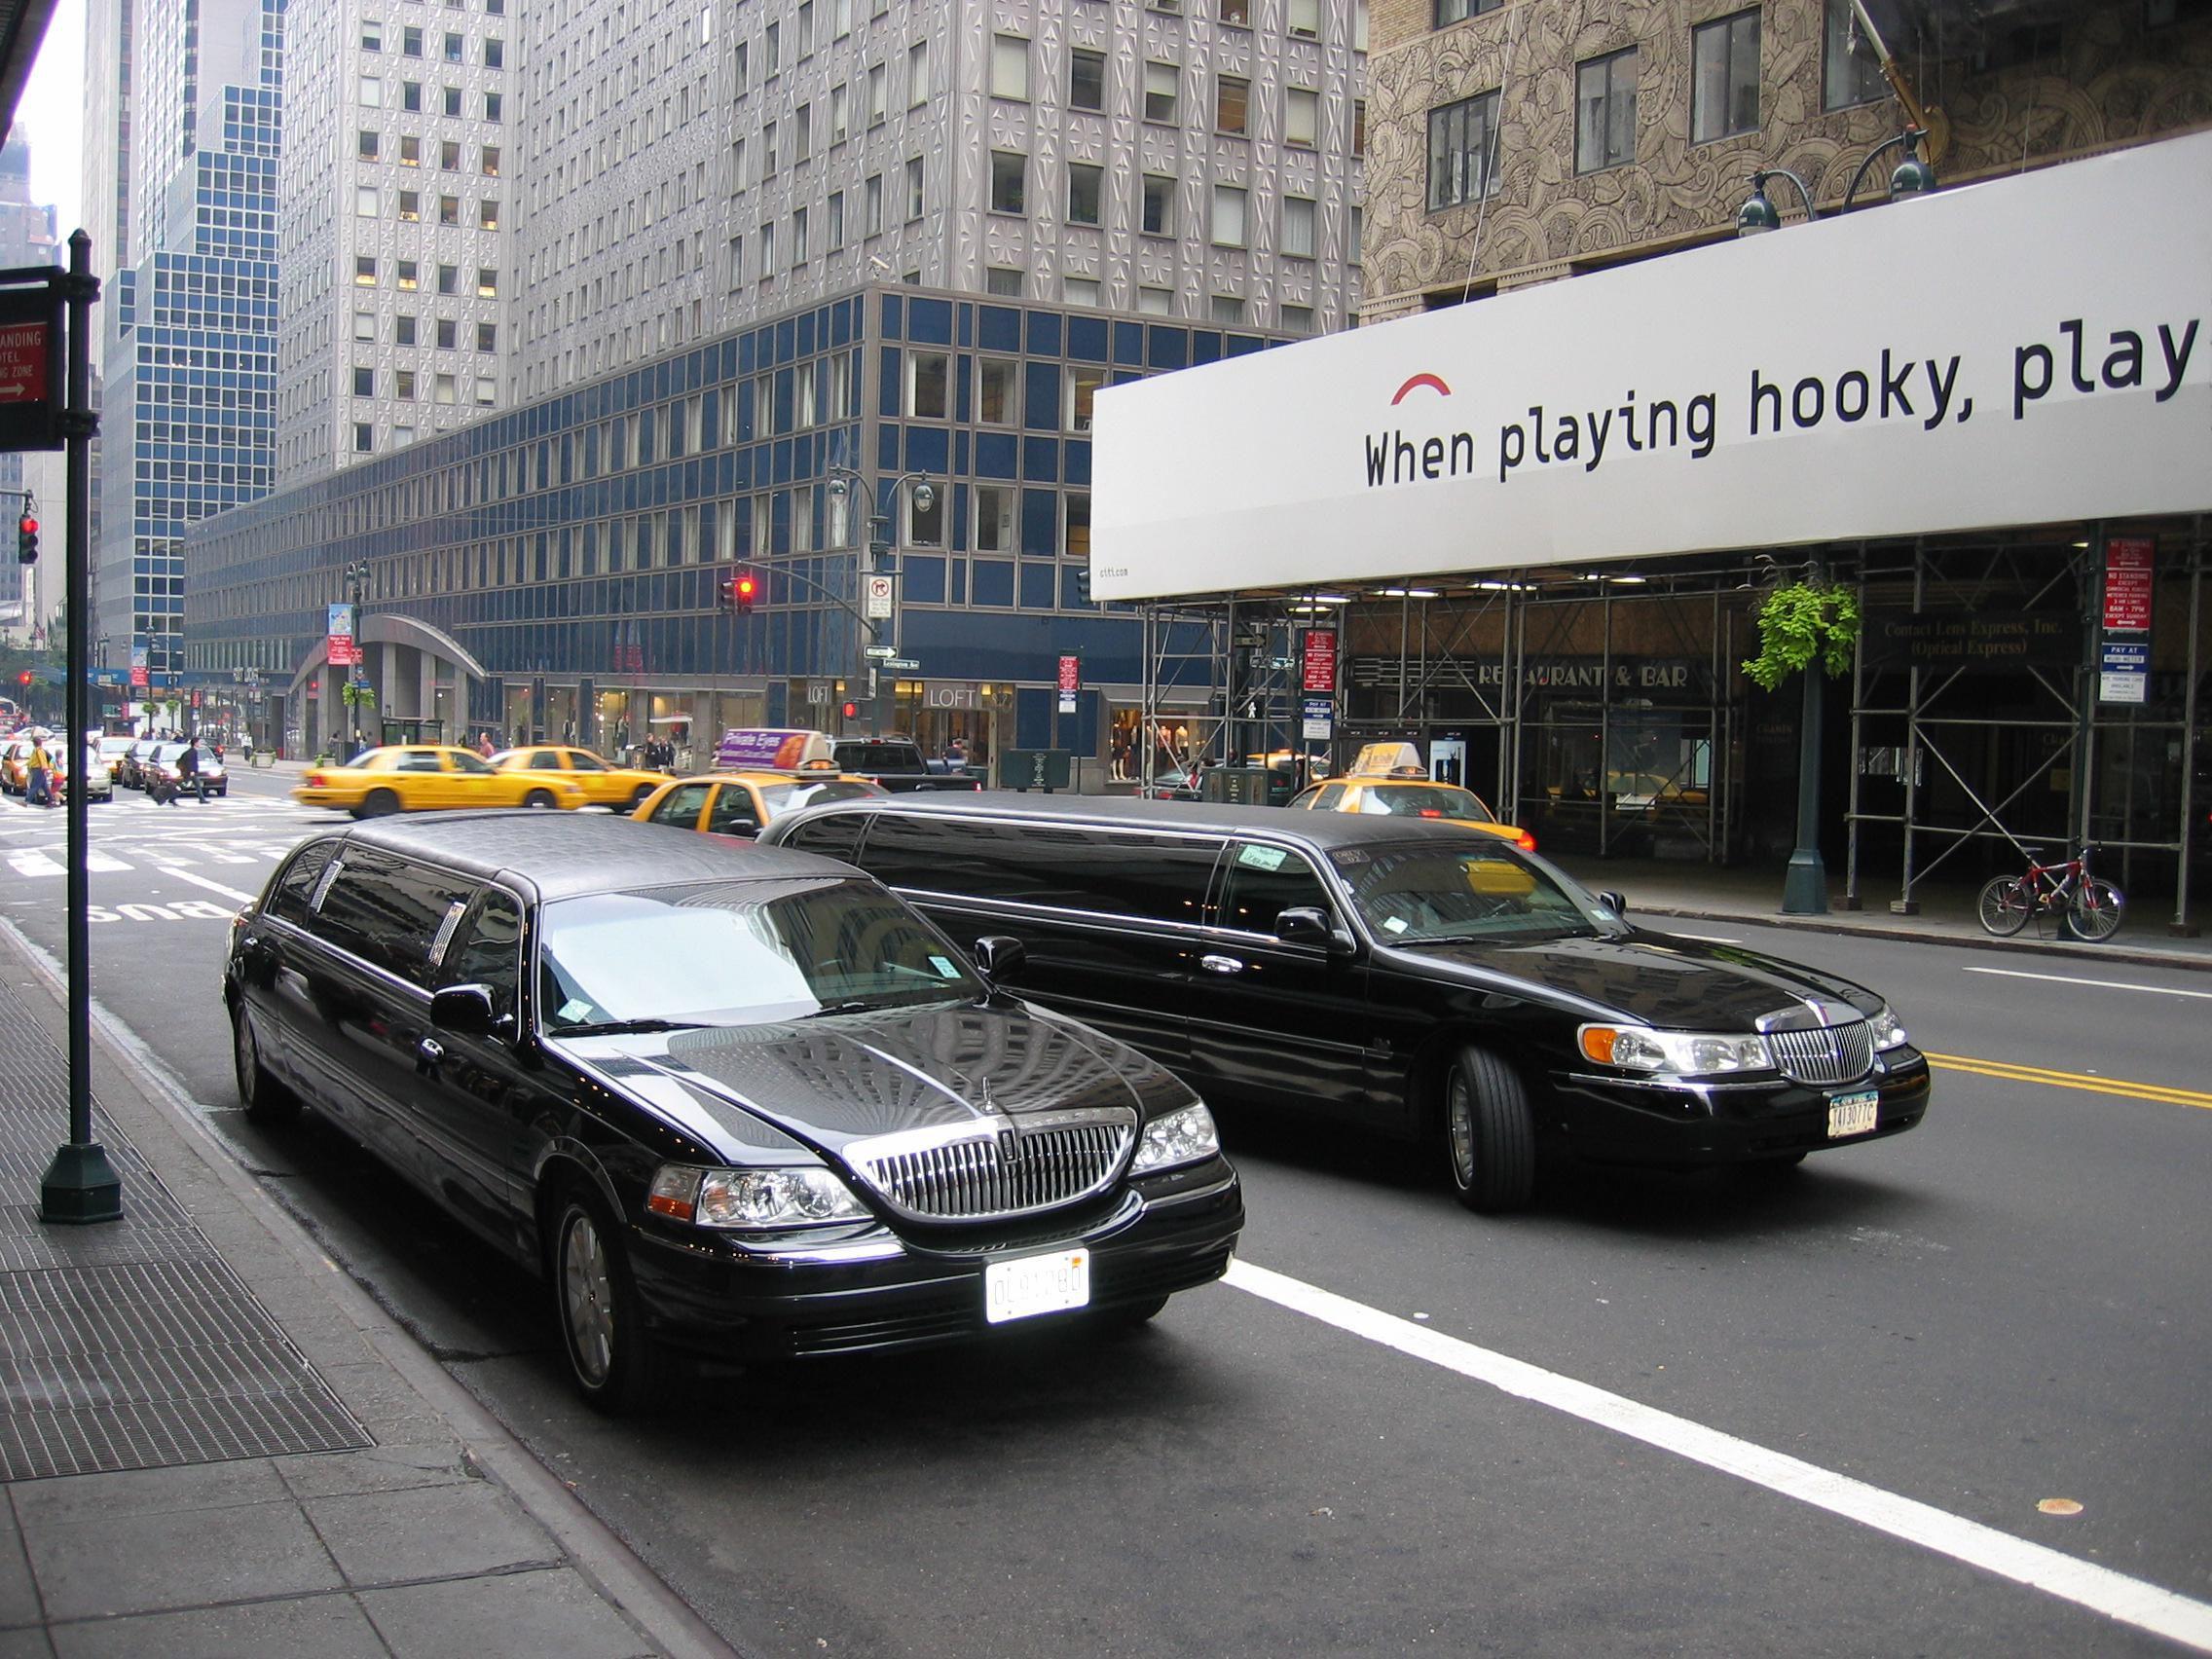 Car Services Provide Door-to-door Transportation in New York City